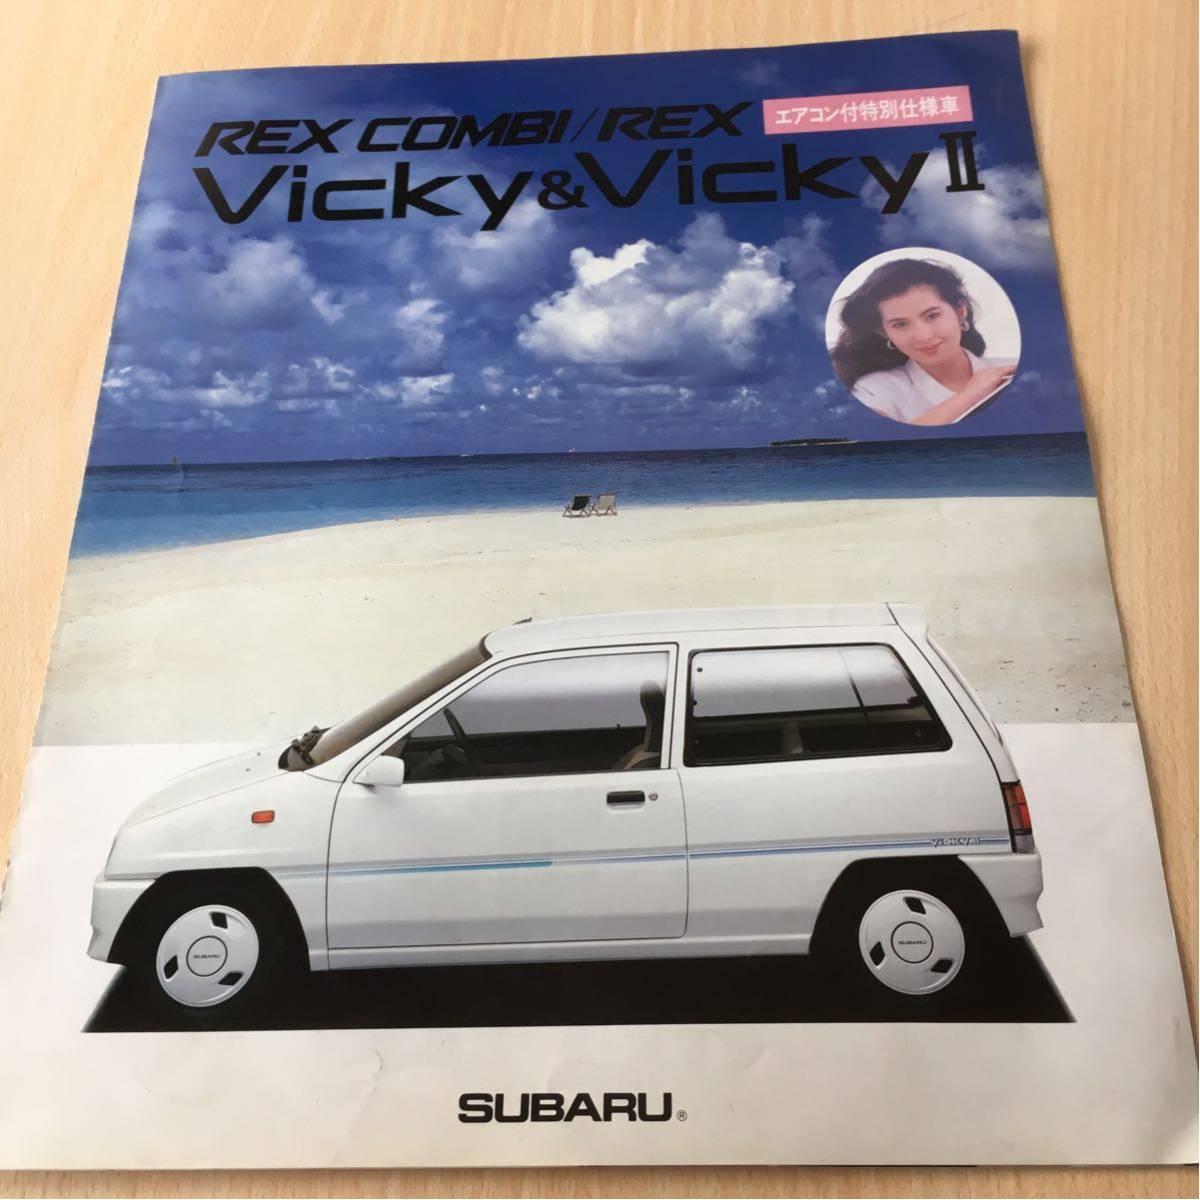 旧車カタログ スバル レックス ヴィッキー 昭和63年2月